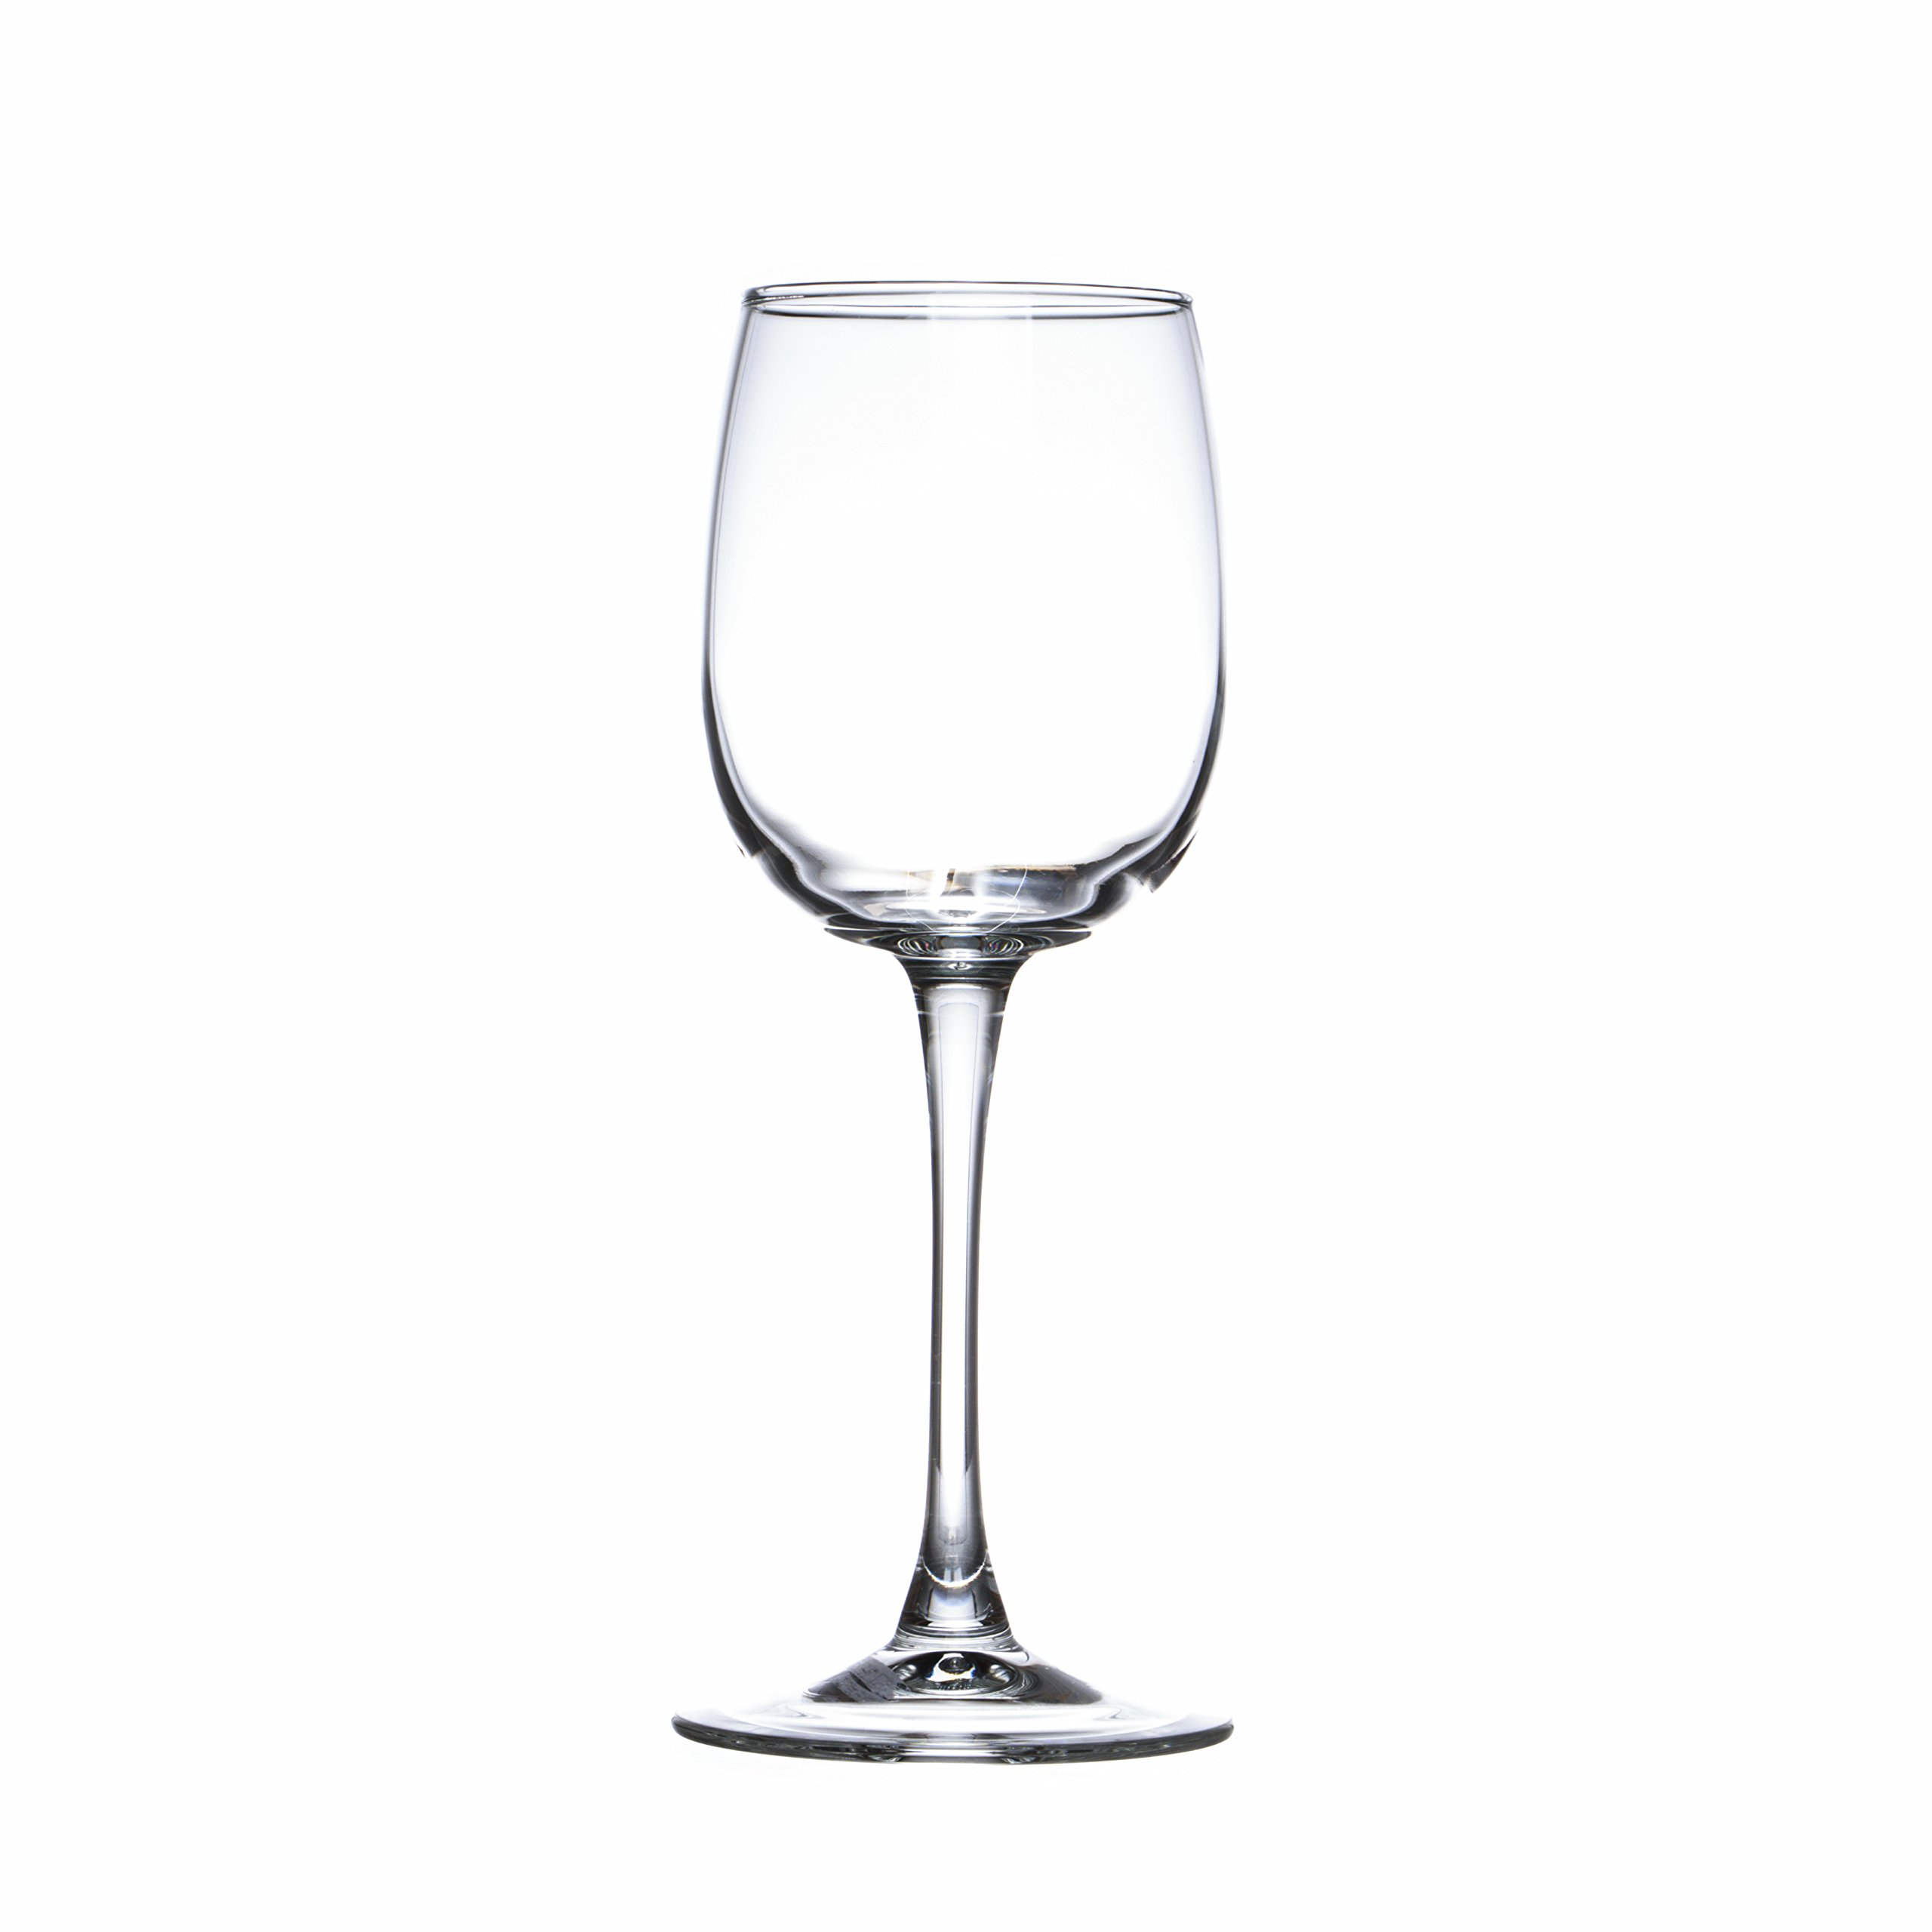 ALLEGRESSE Wine Glasses ARCOROC 10oz./300ml. (12 Pcs/Cs)